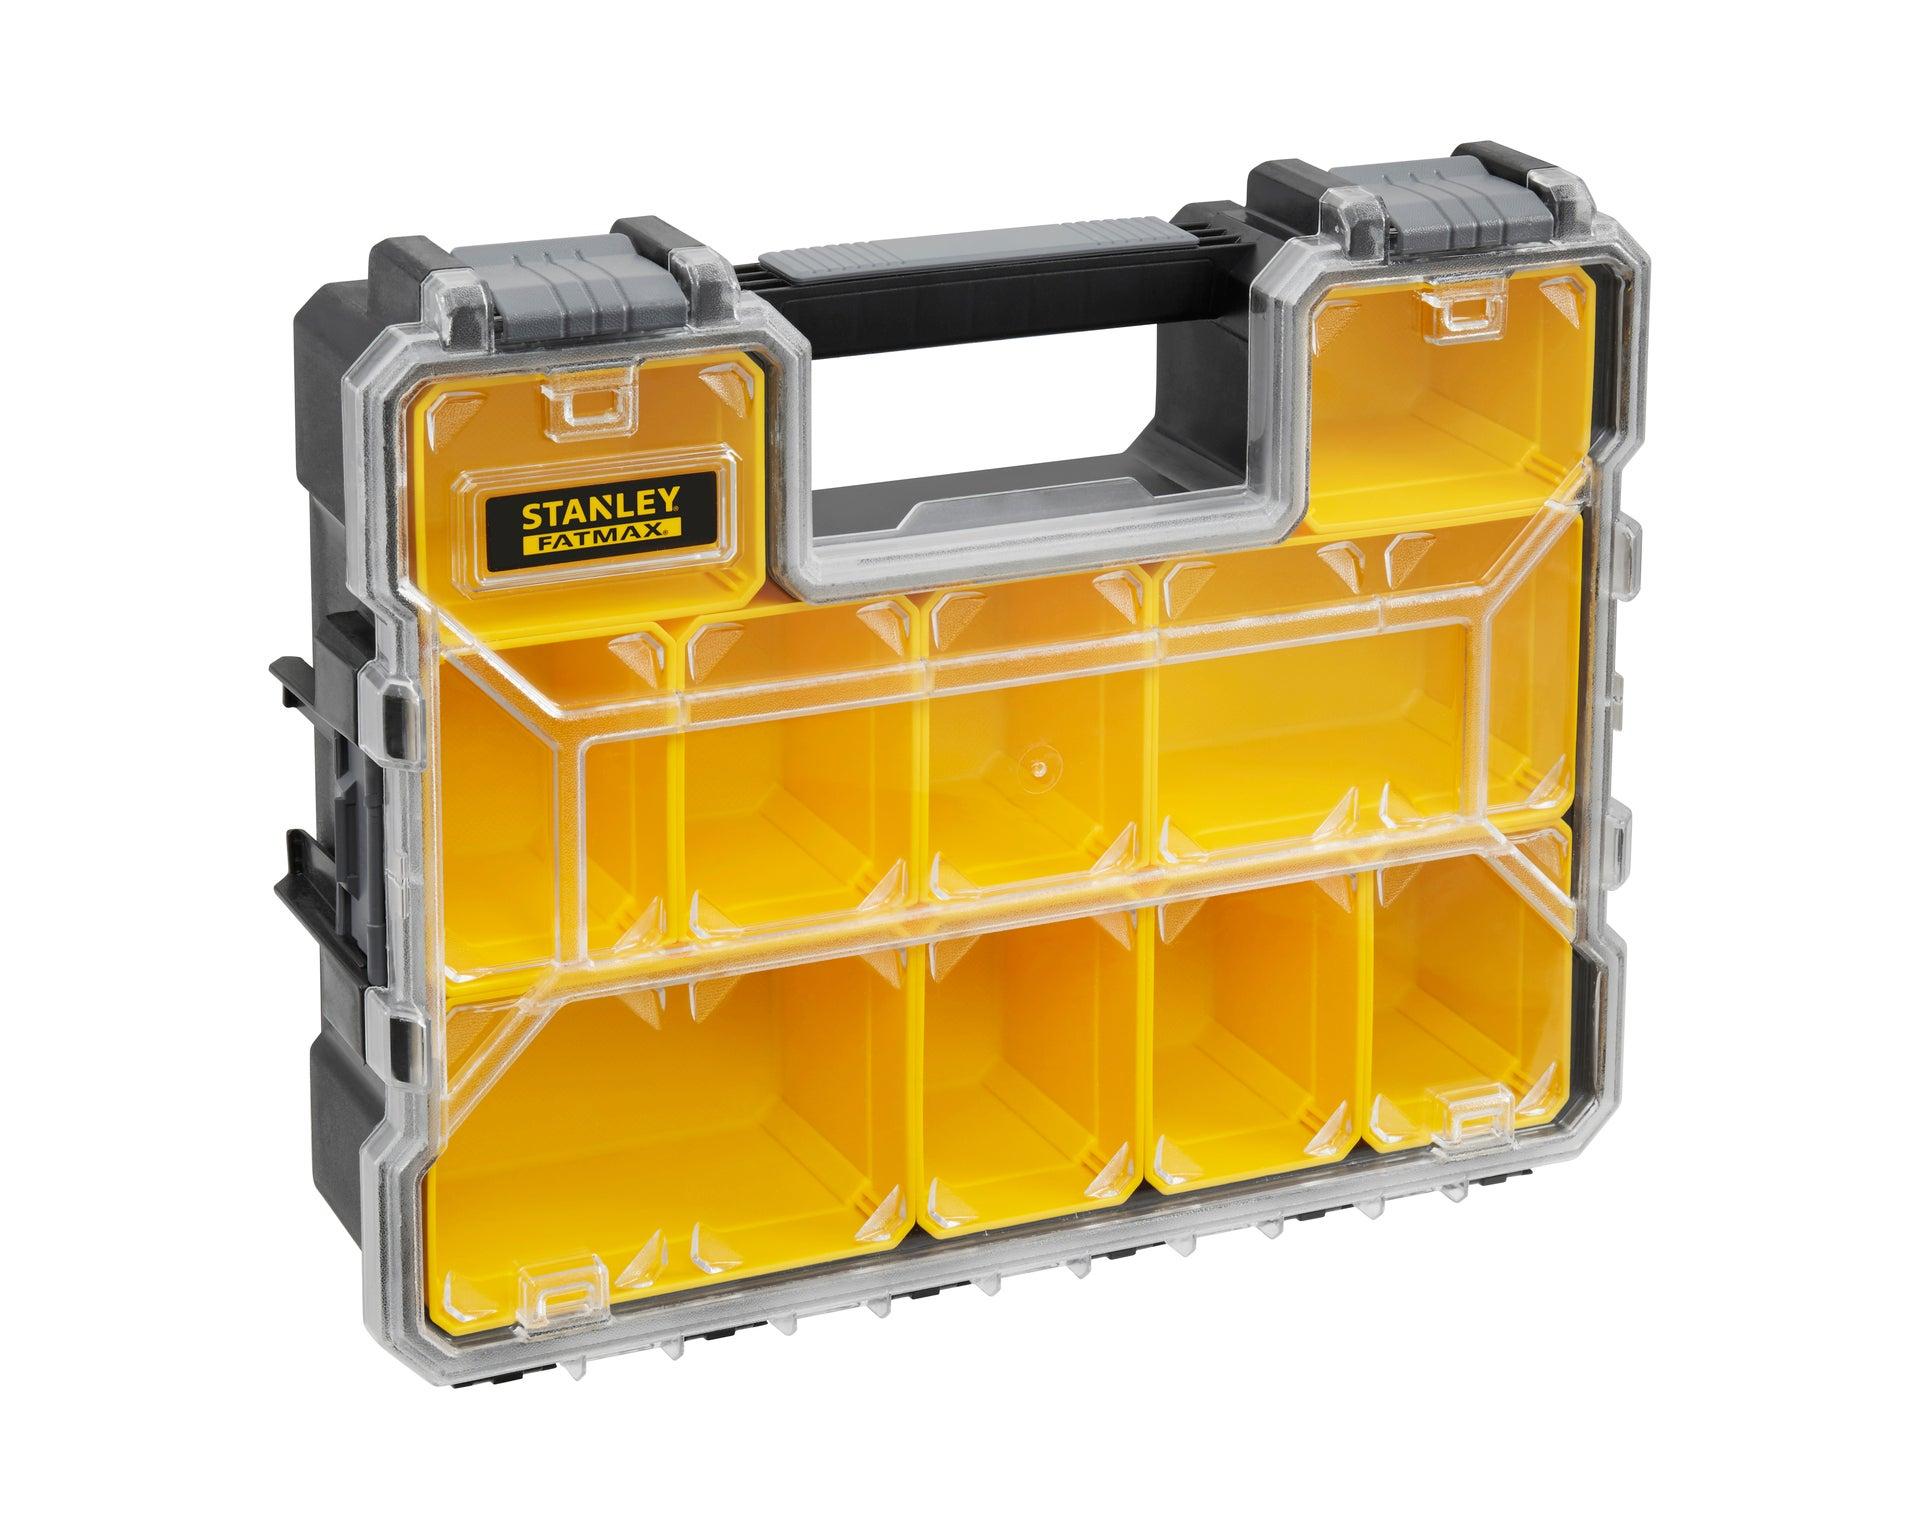 Malette Plastique Stanley L 44 5 X H 10 5 X P 36 Cm Leroy Merlin